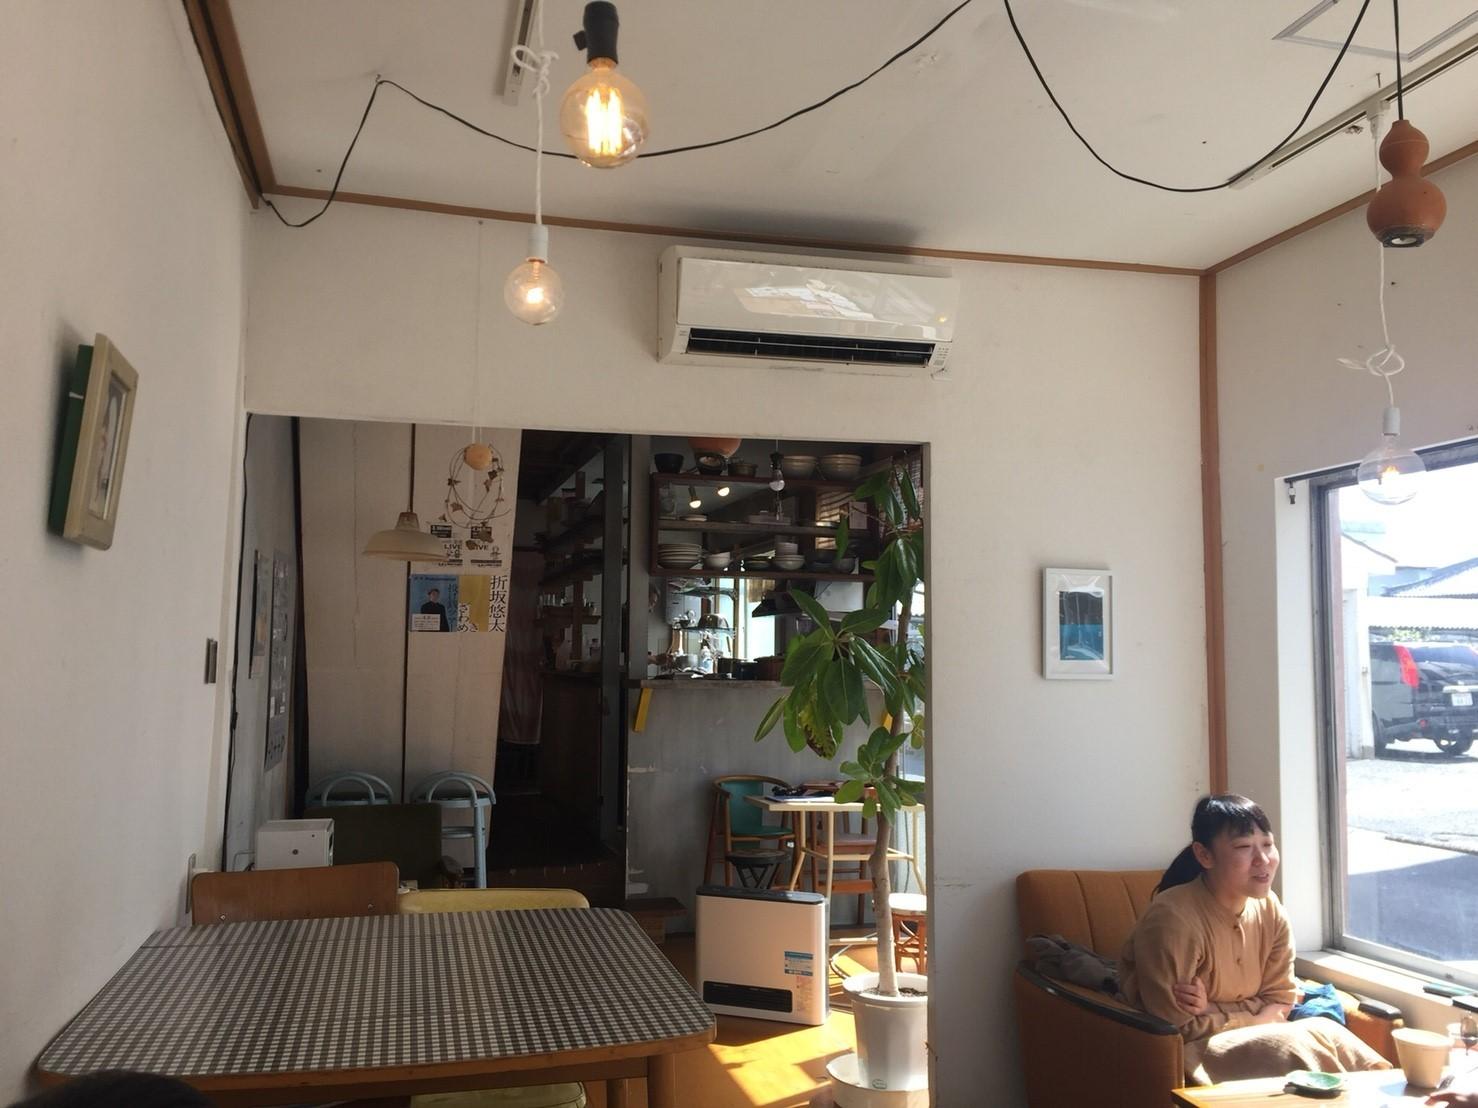 Tottoriカルマ まるなげ食堂_e0115904_17222881.jpg